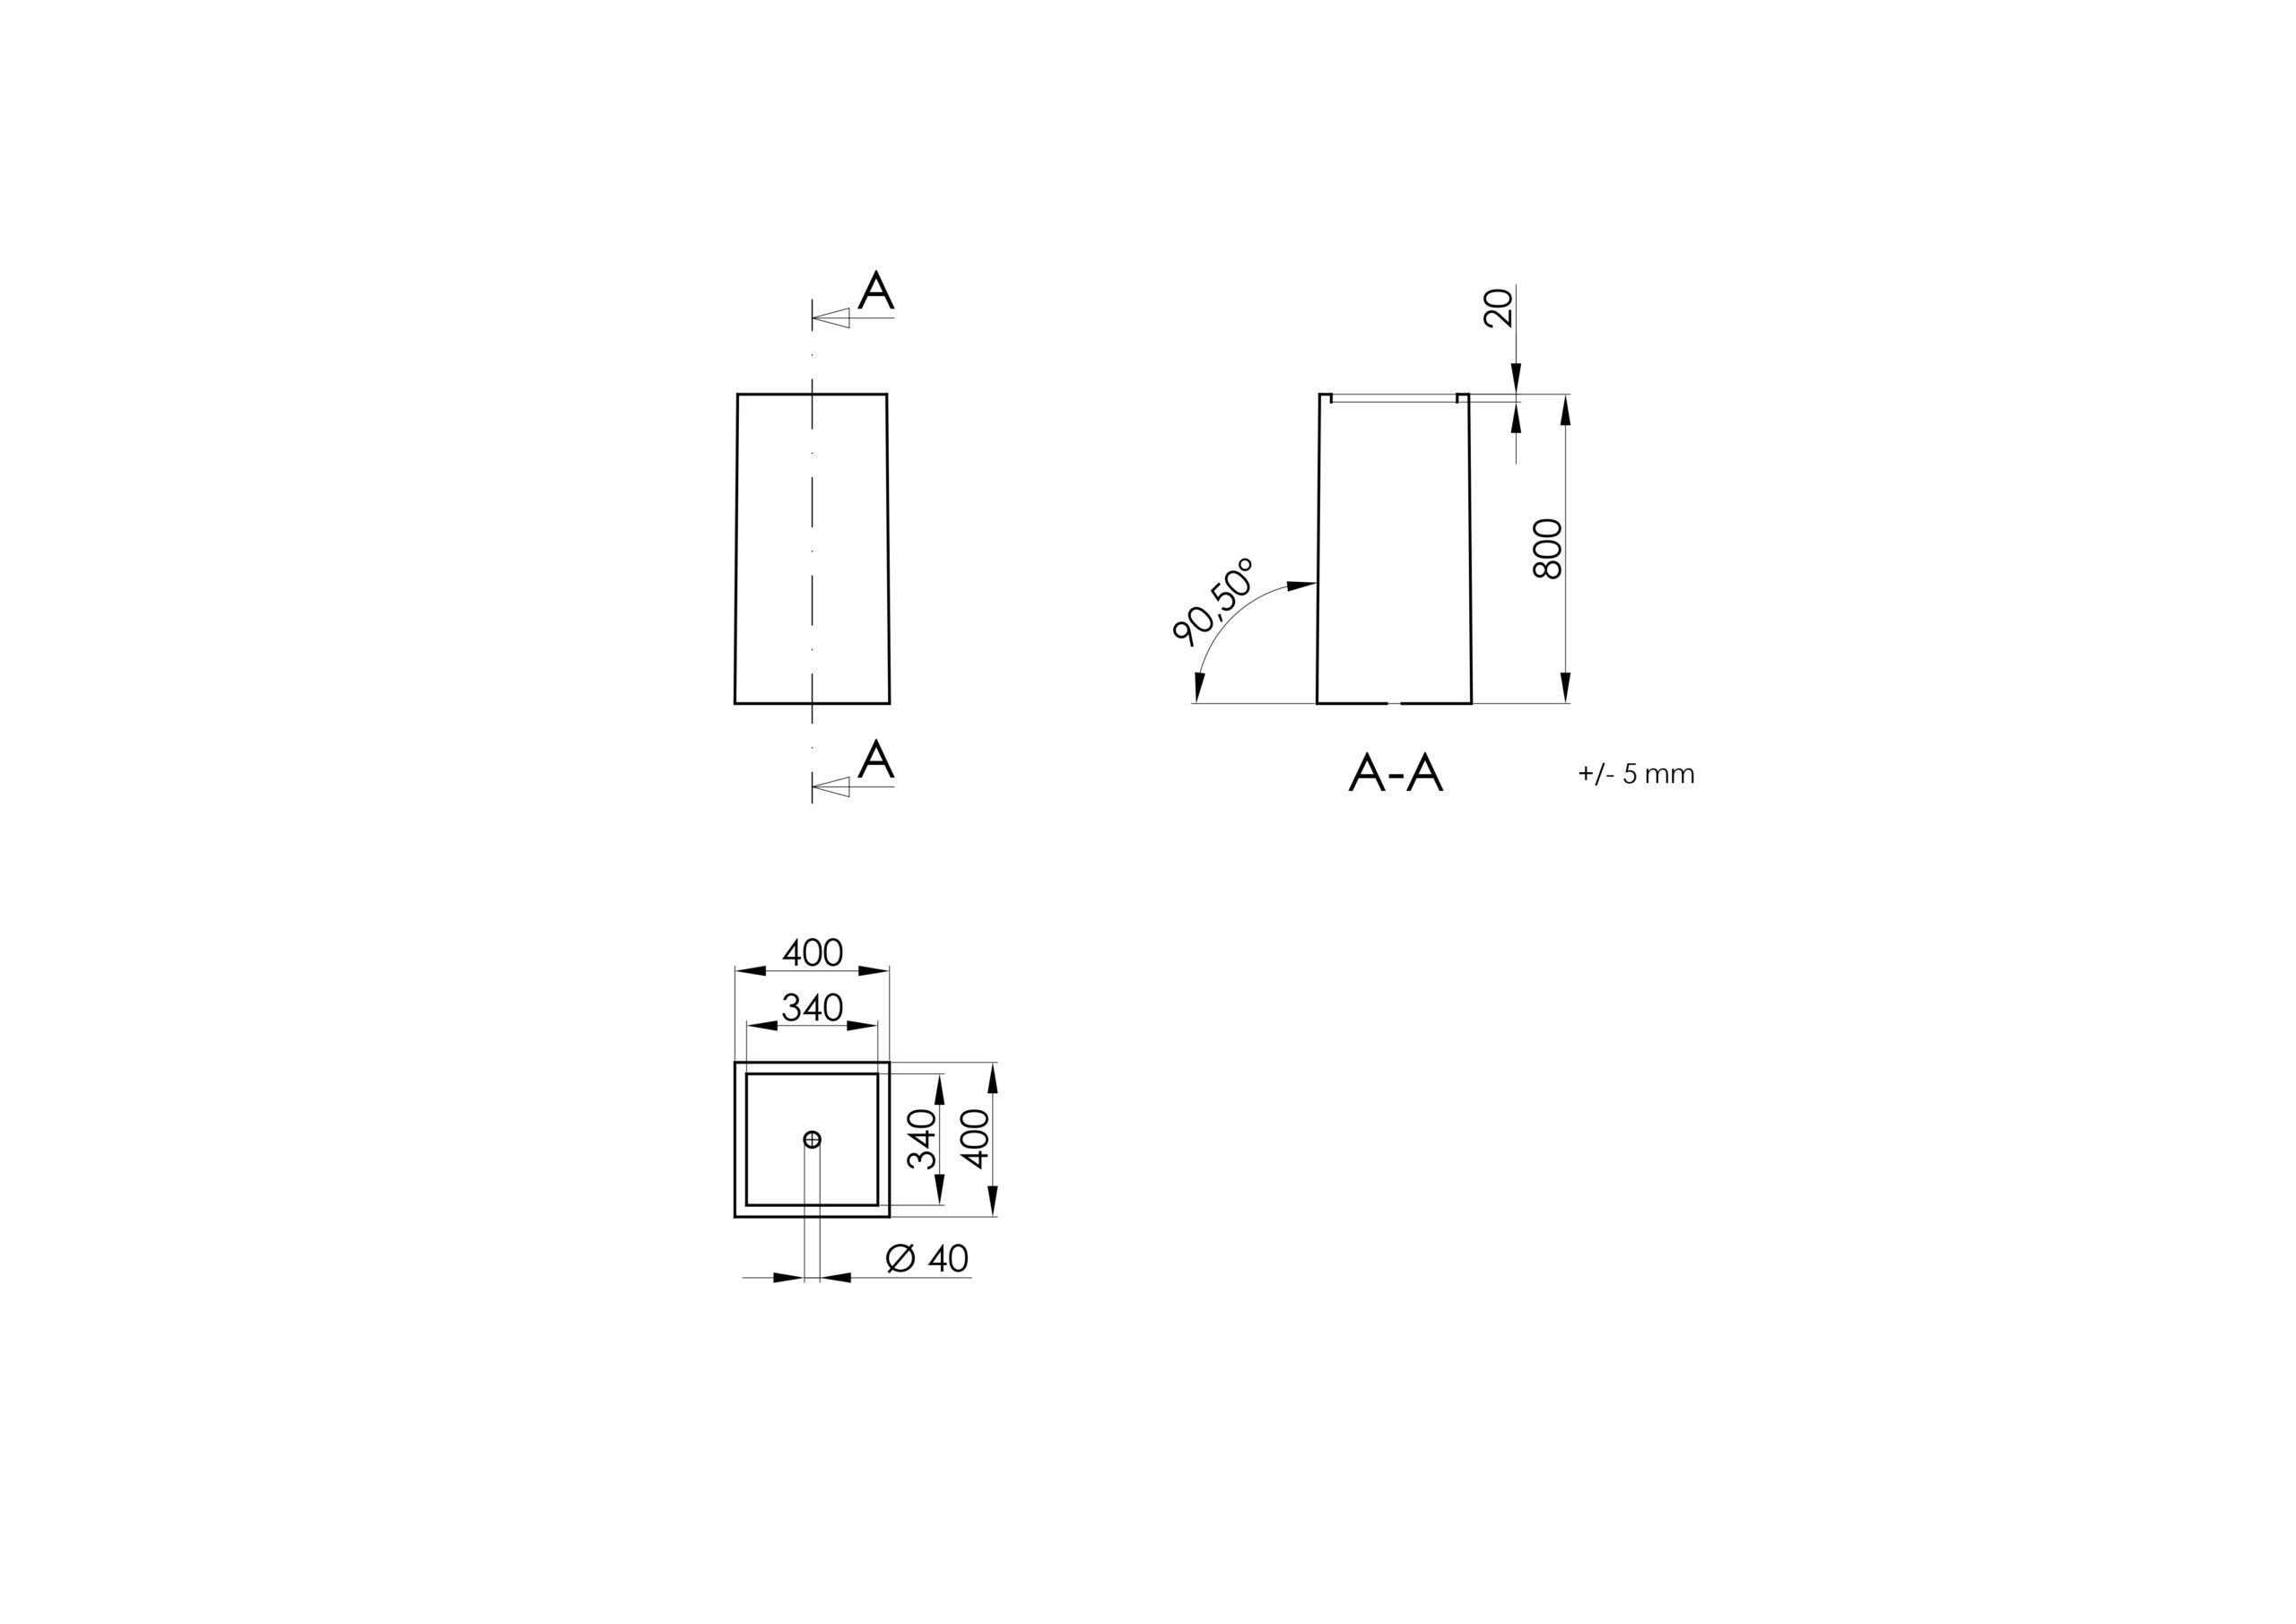 Carlo 1 - Technisches Zeichnen